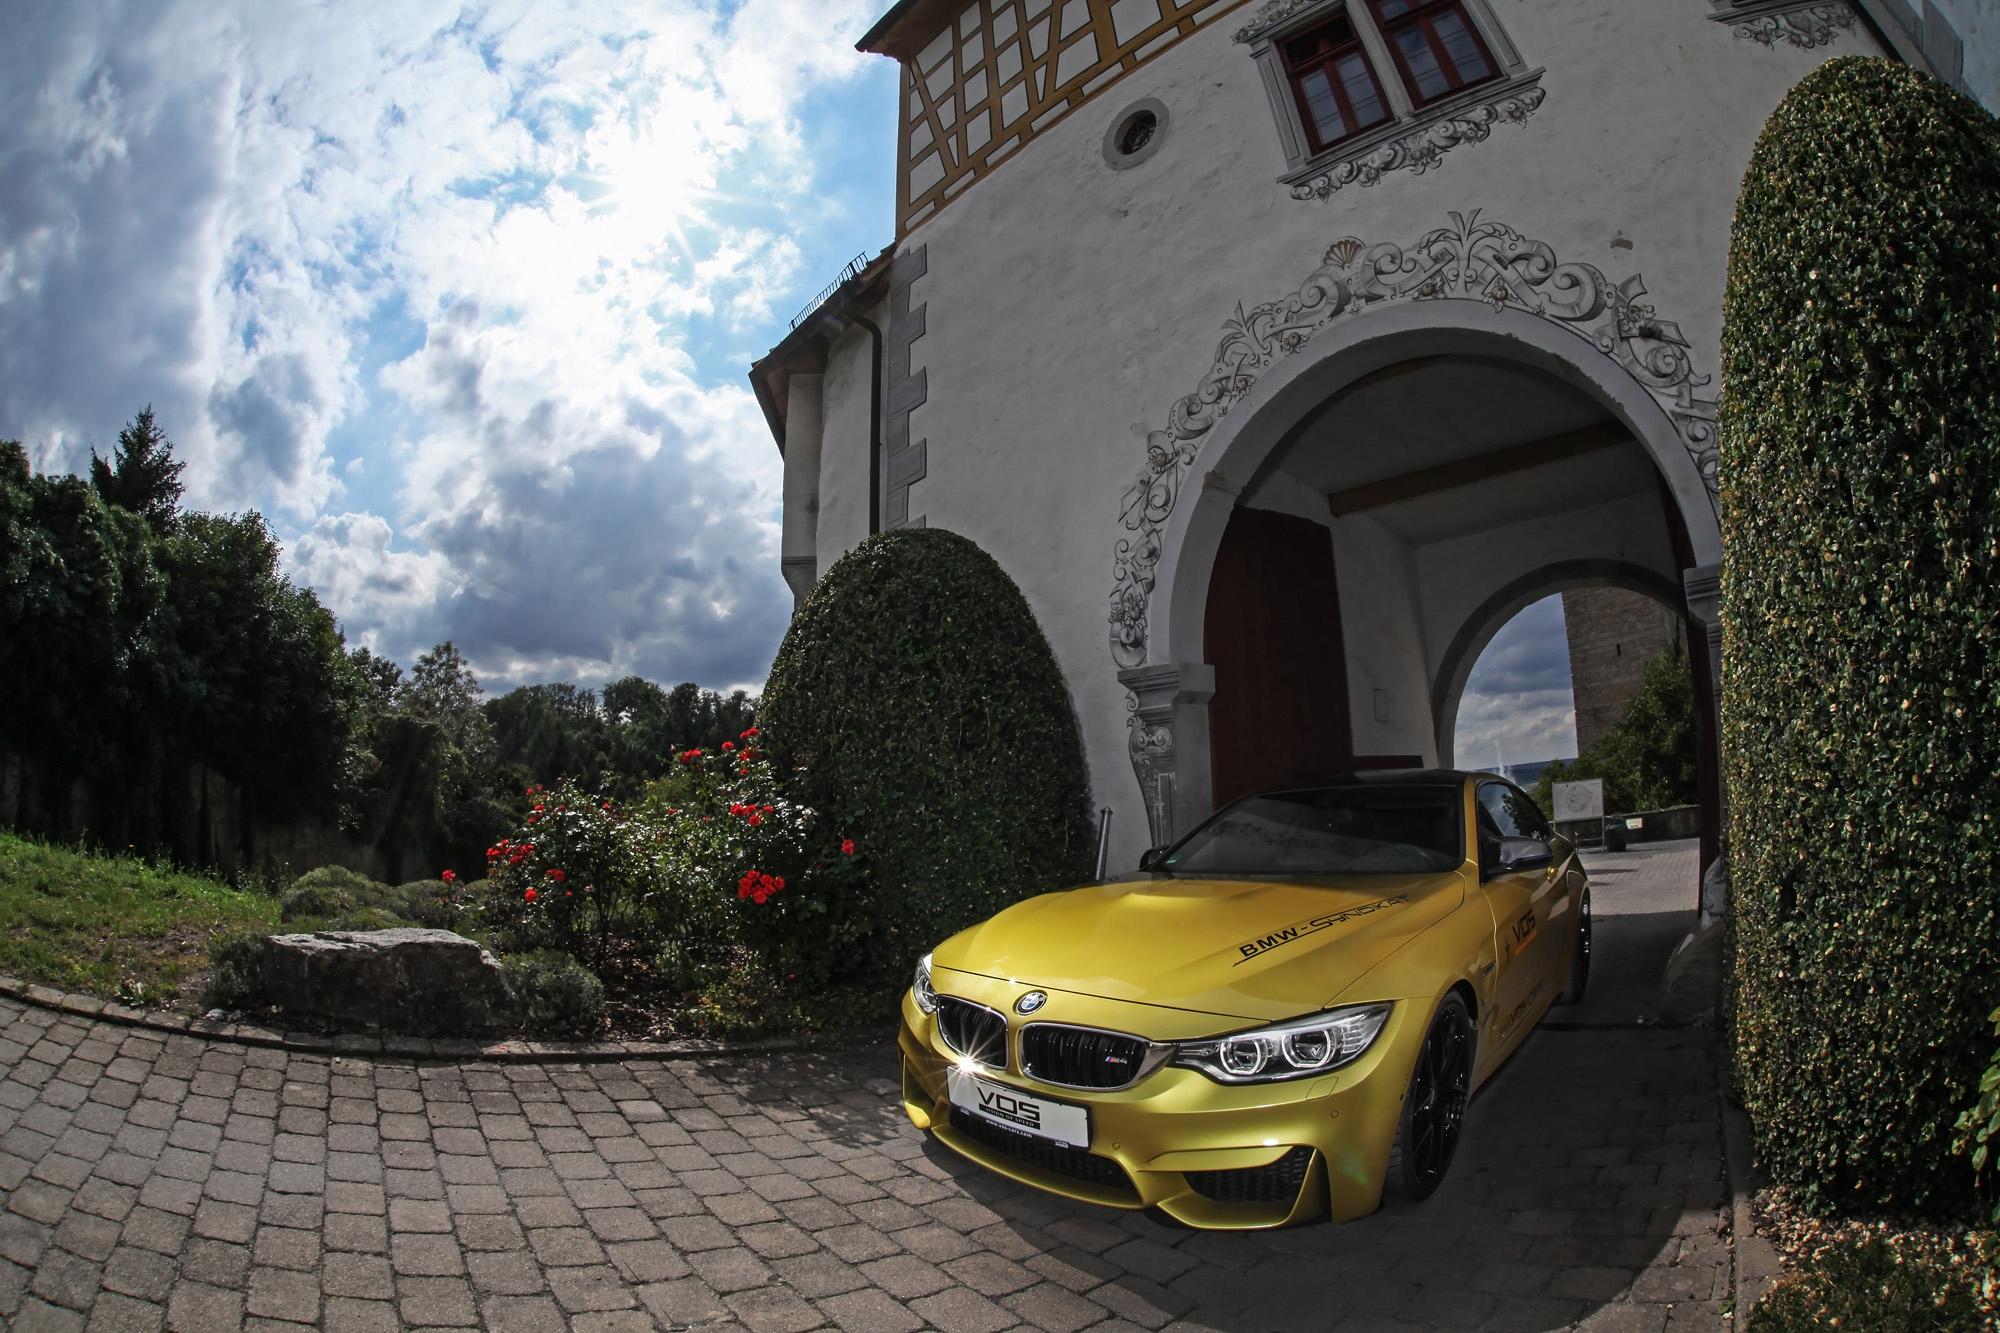 bmw-m4-coupé-f82-vos-performance-17